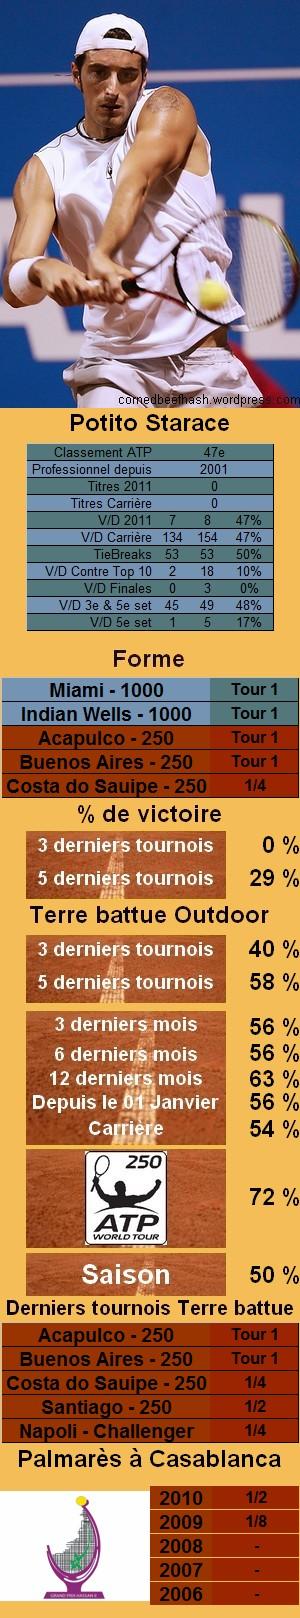 Les statistiques tennis de Potito Starace pour le tournoi de Houston